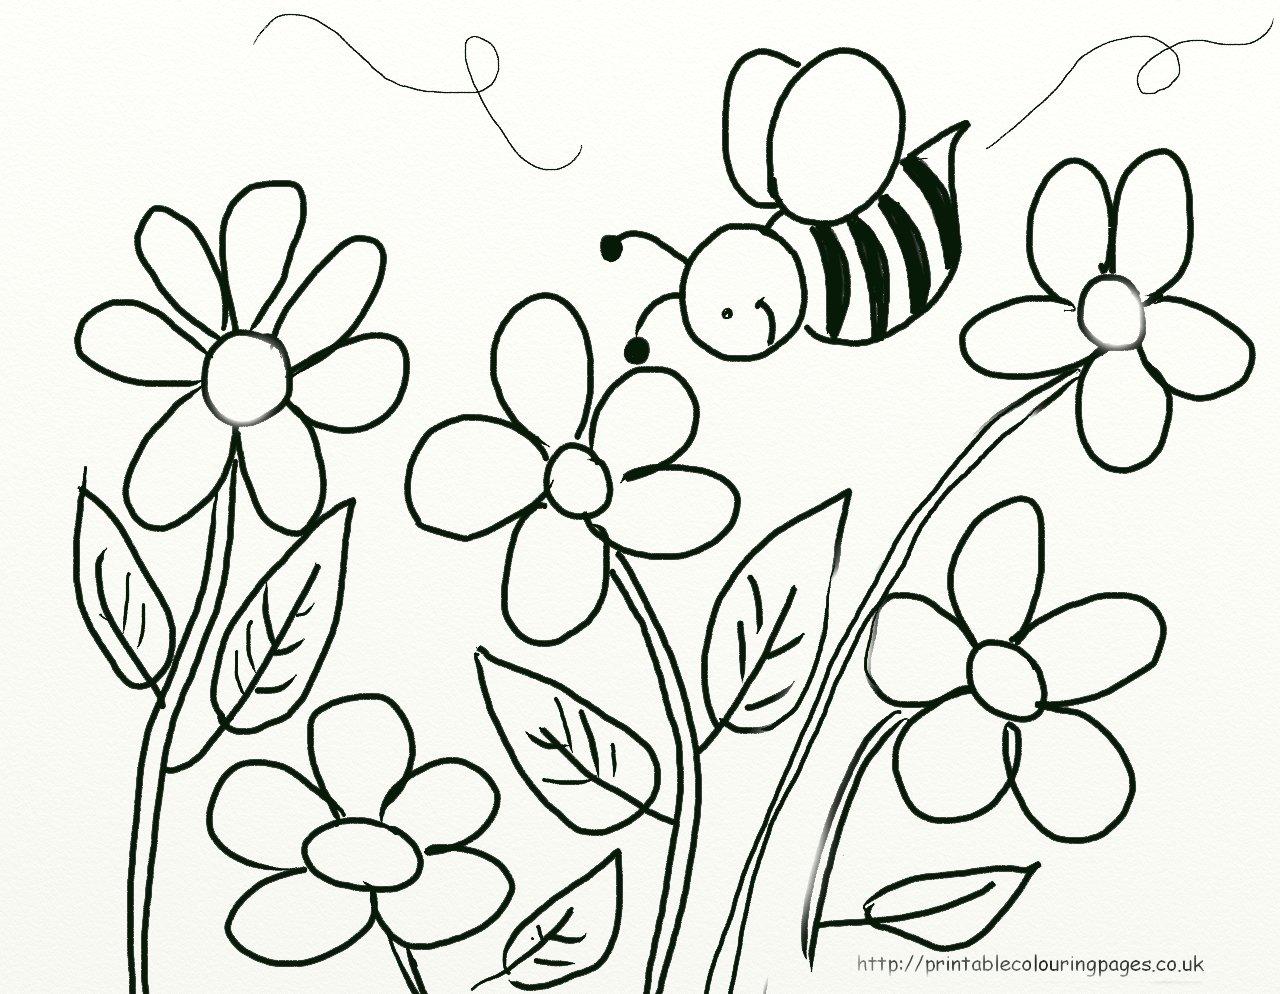 18 riscos de abelhas e flores  Desenhos para Colorir